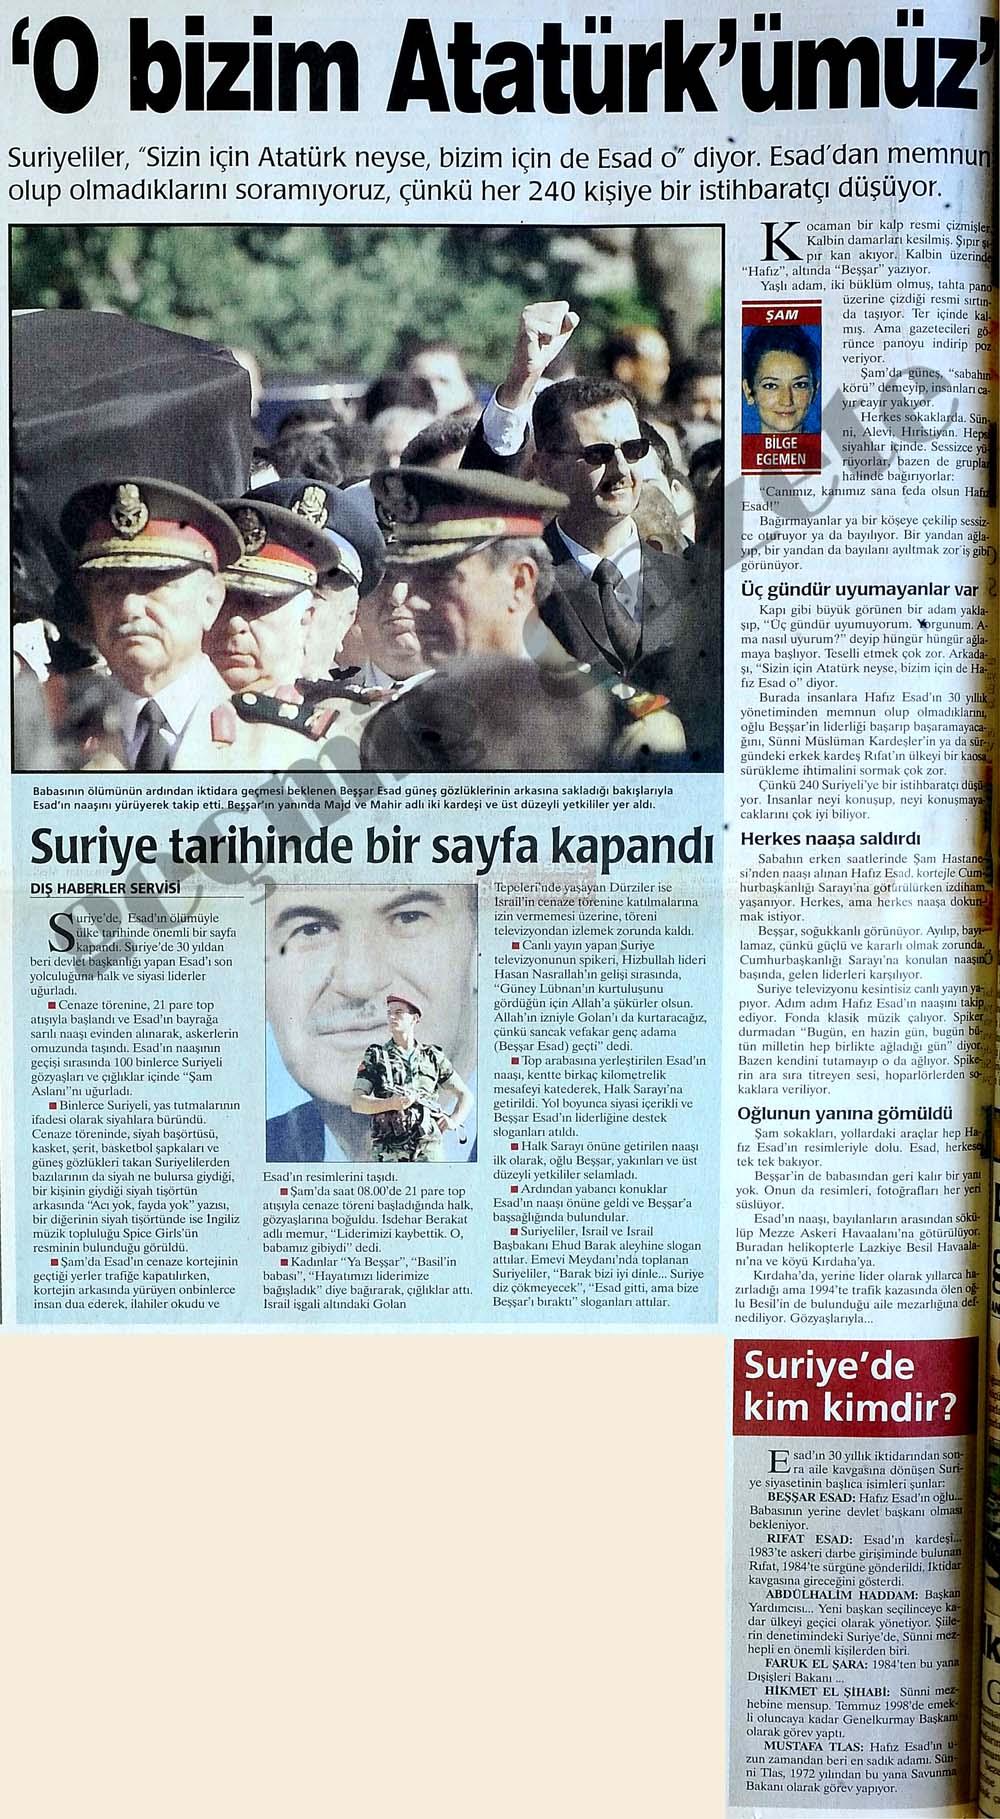 'O bizim Atatürk'ümüz'